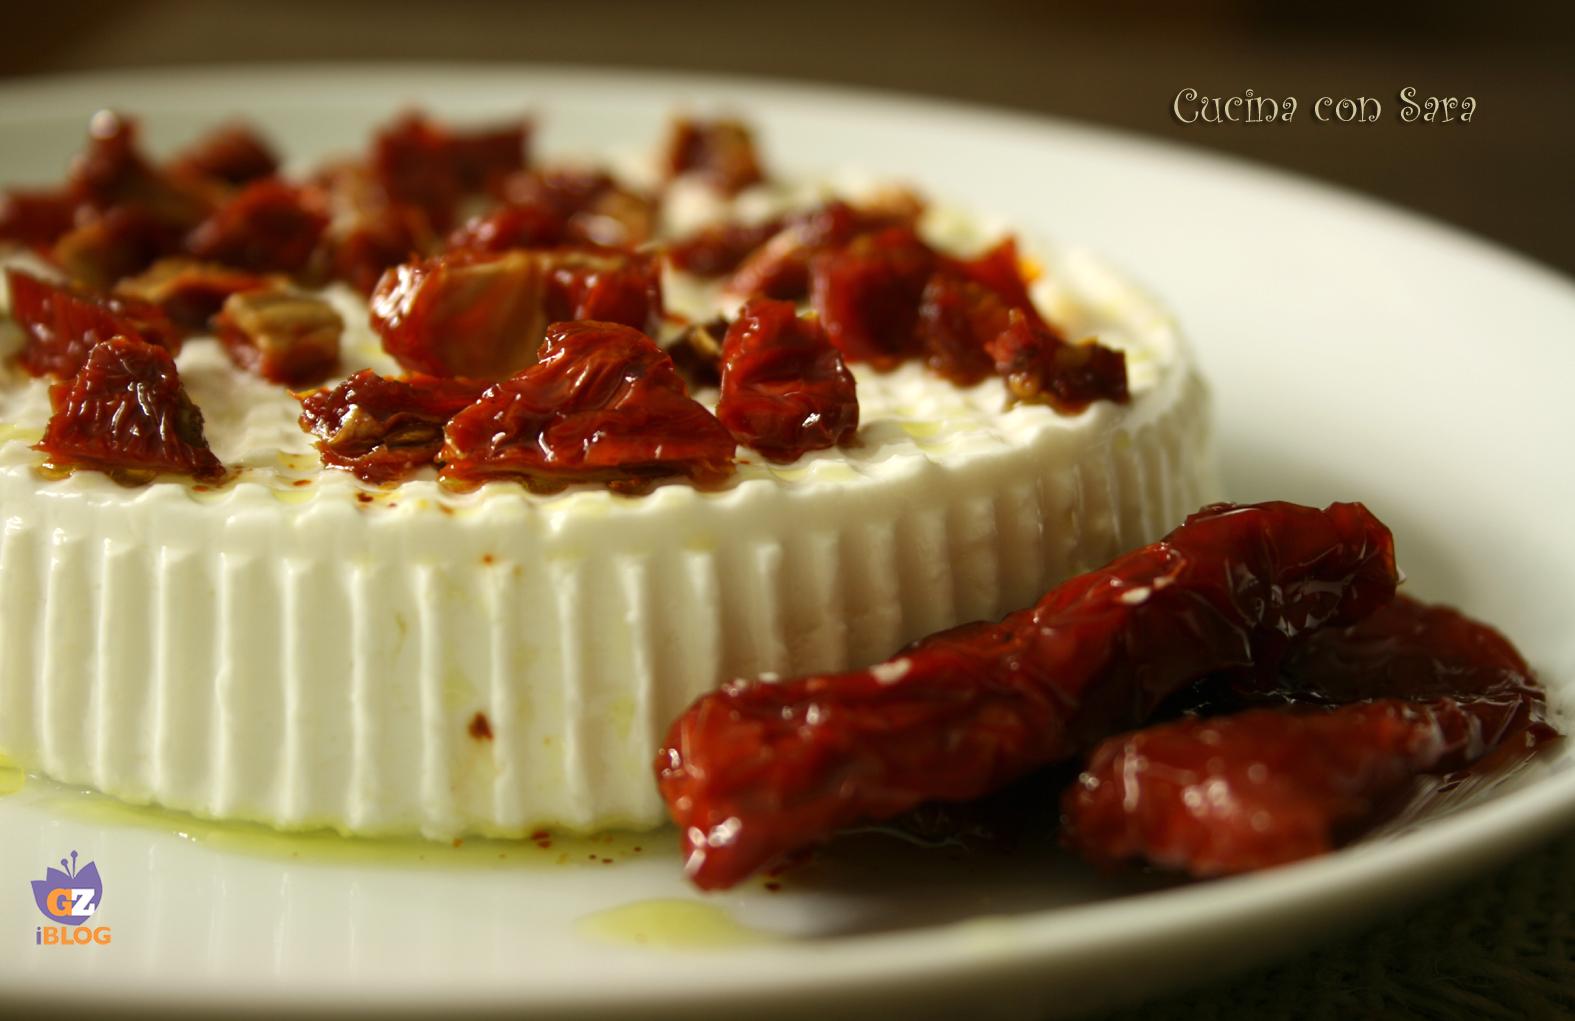 Ricetta primo sale con pomodori secchi cucina con sara - Cucina con sara ...